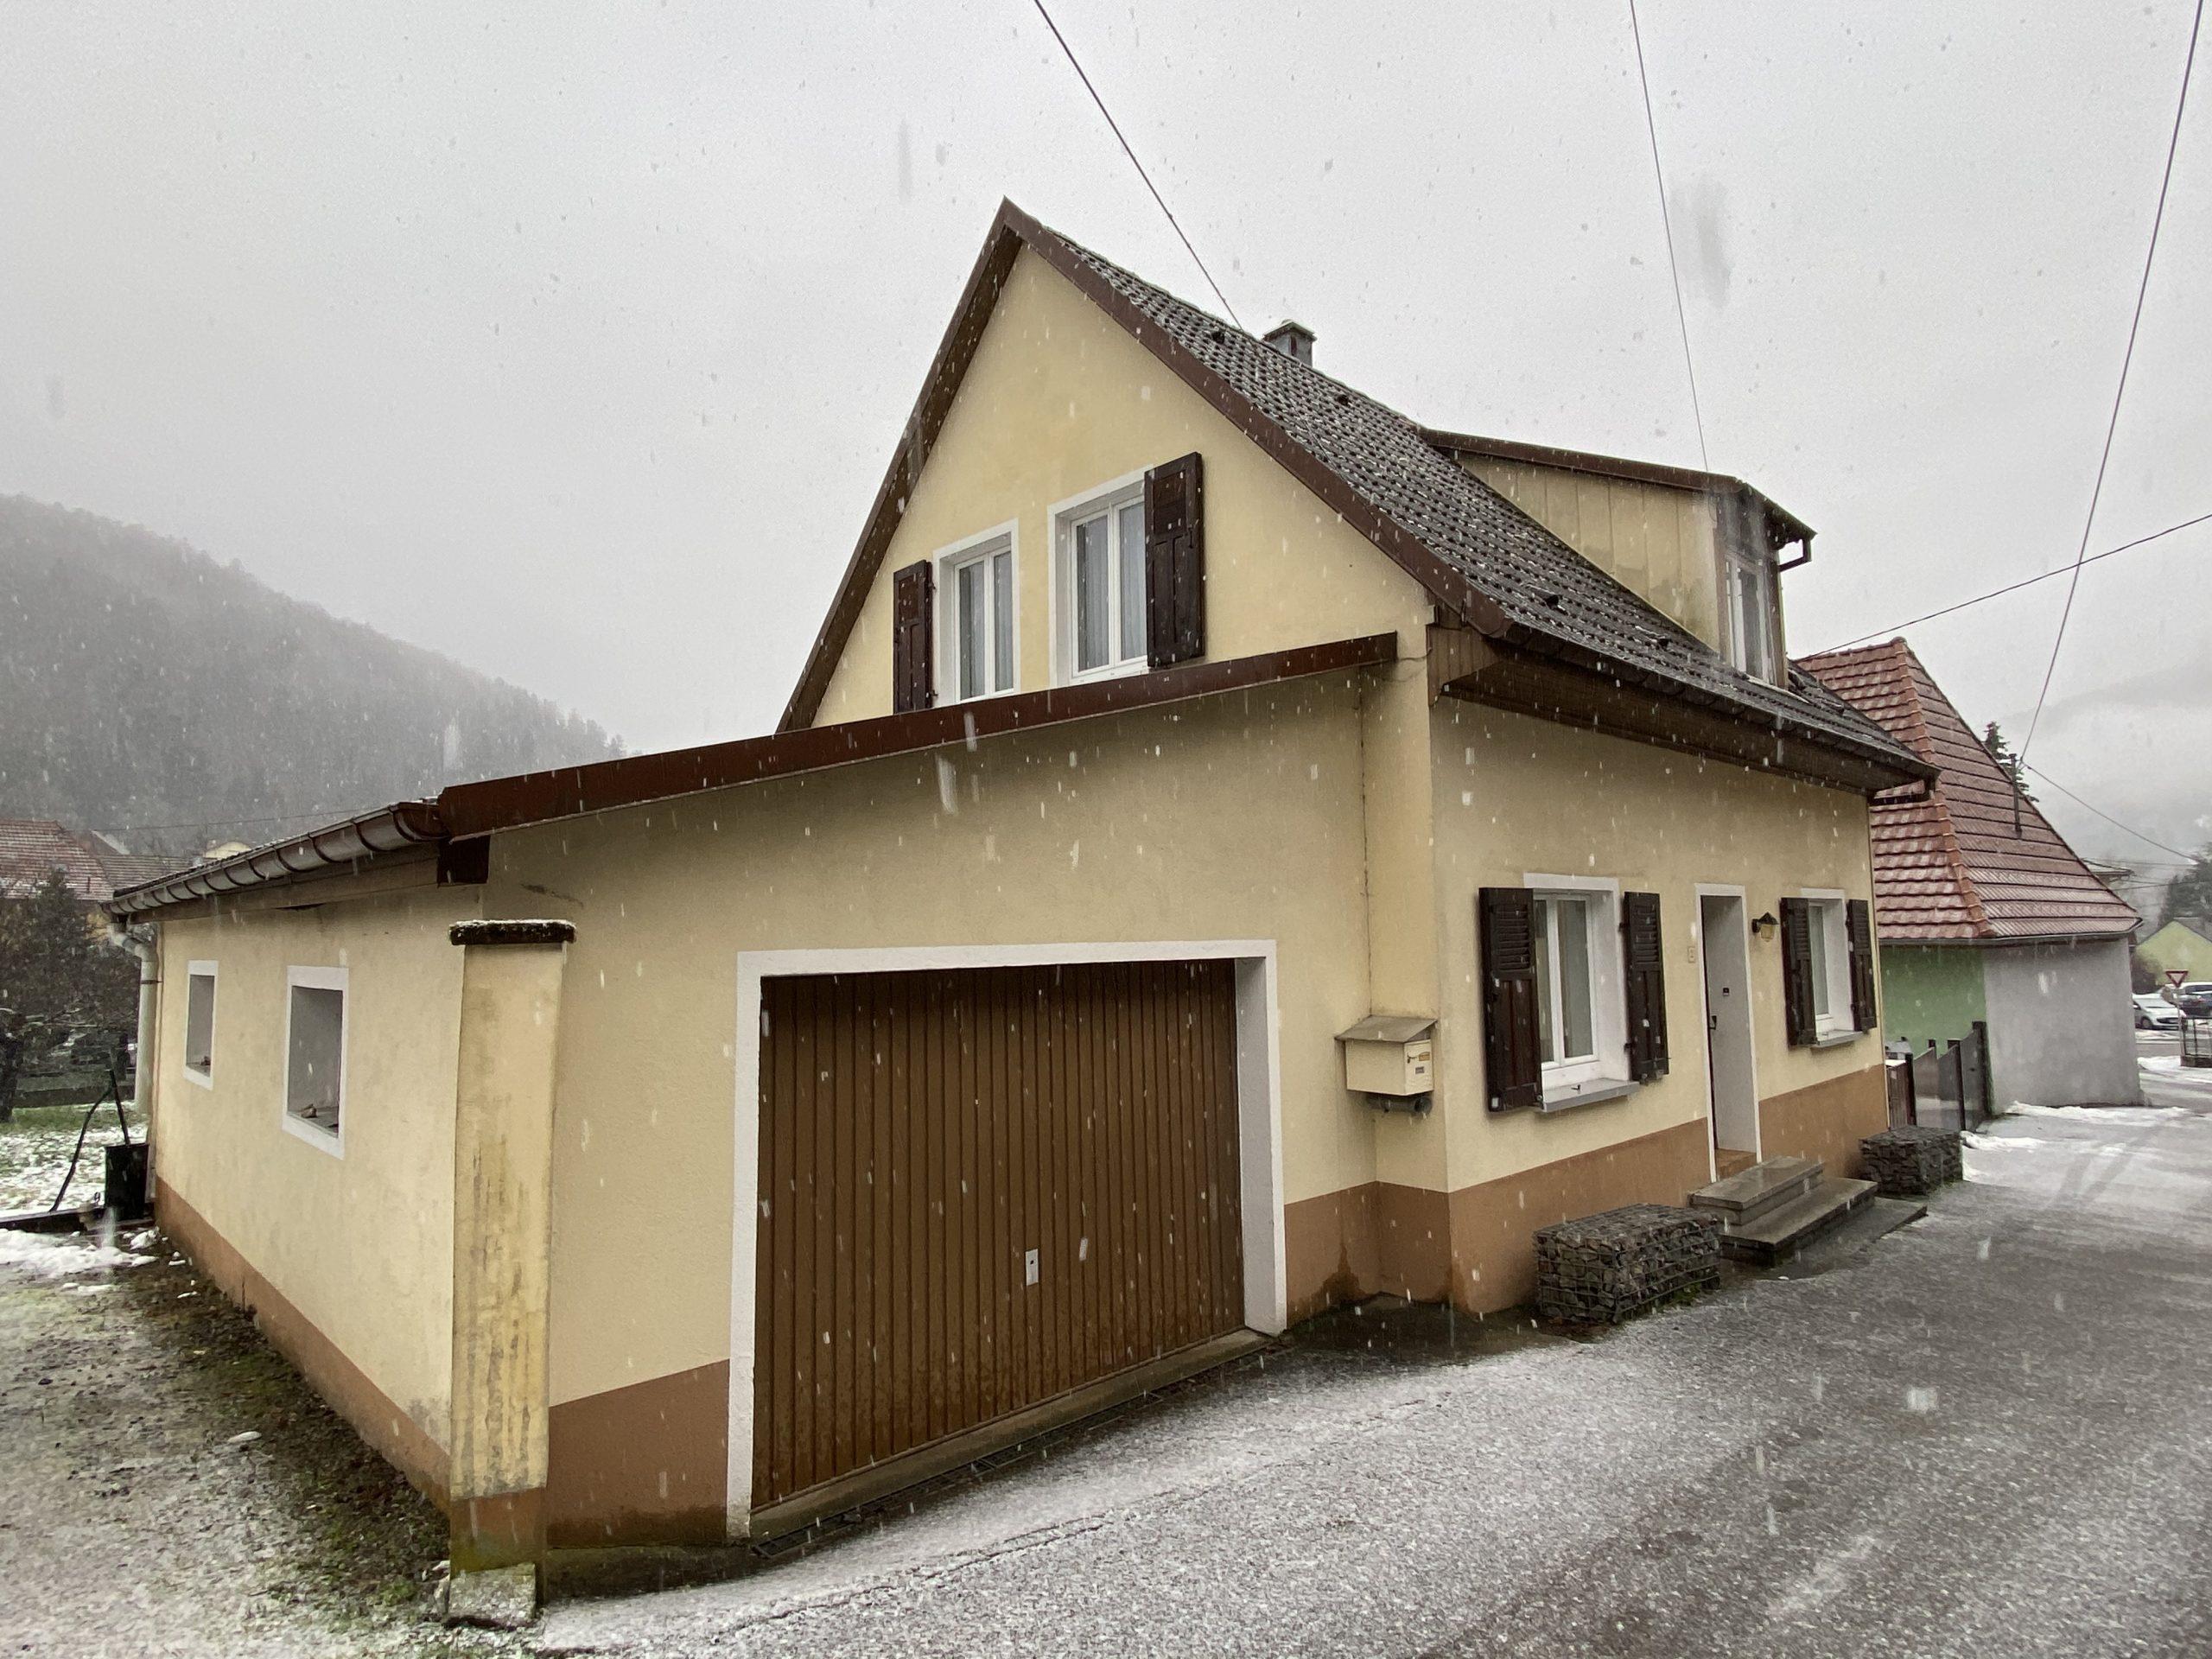 RBM IMMO Remy Benoit Meyer, Consultant vs Agence Immo 68 Ensisheim, Vous souhaitez vendre une maison ? Votre objectif est primordial: être accompagné par un partenaire professionnel pour sécuriser votre transaction immobilière.